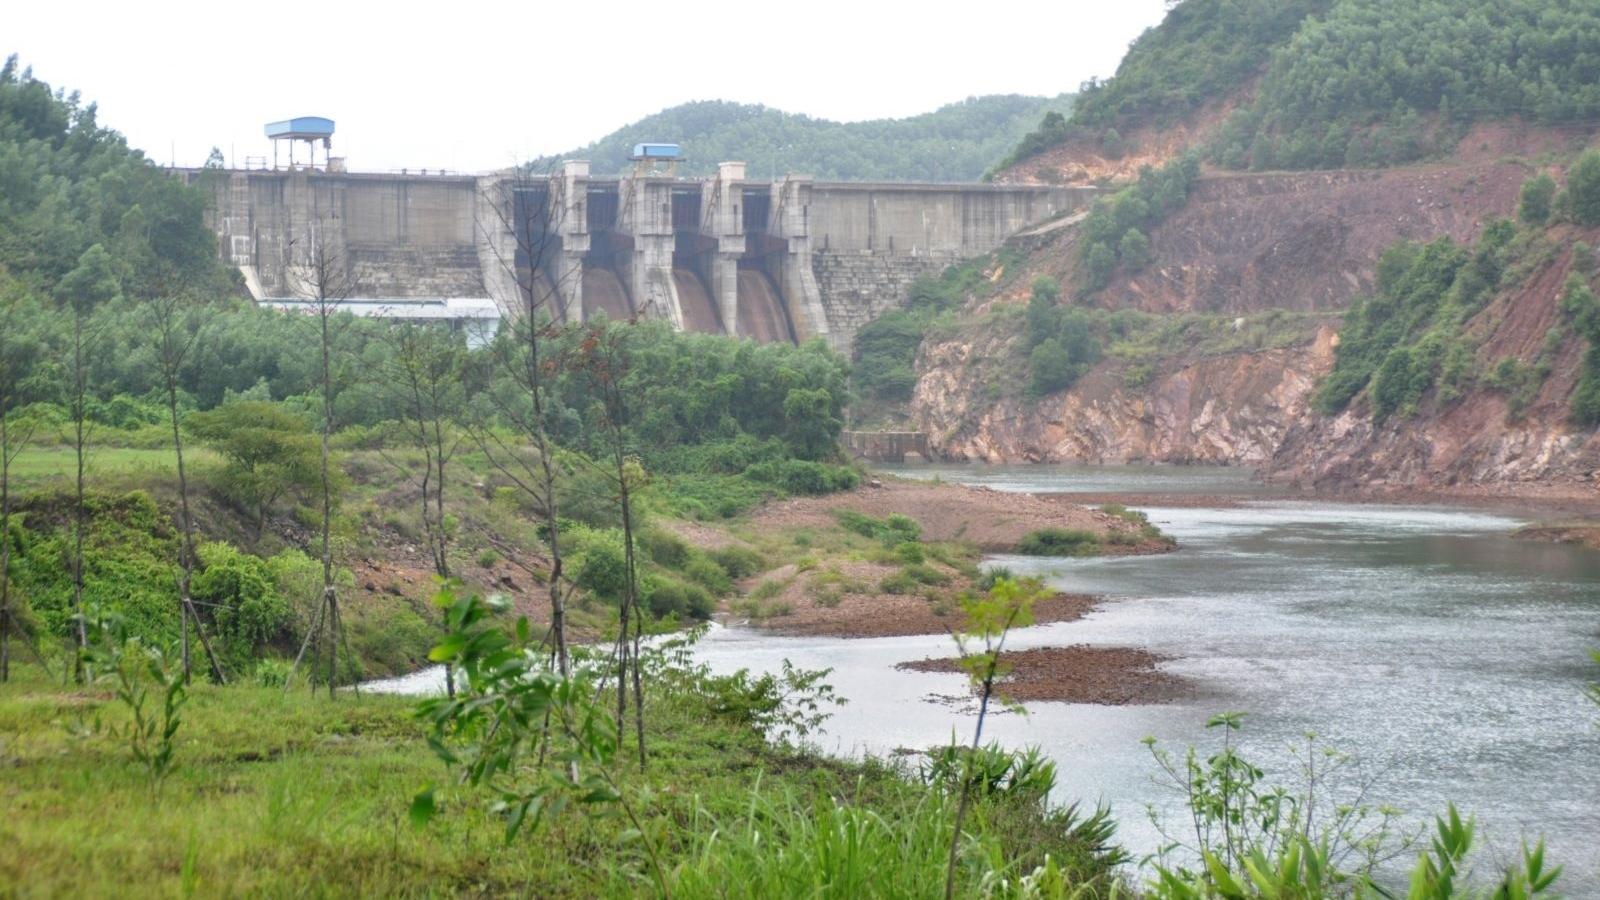 Hai vợ chồng mất tích khi đánh cá trên sông Bồ ở Thừa Thiên Huế